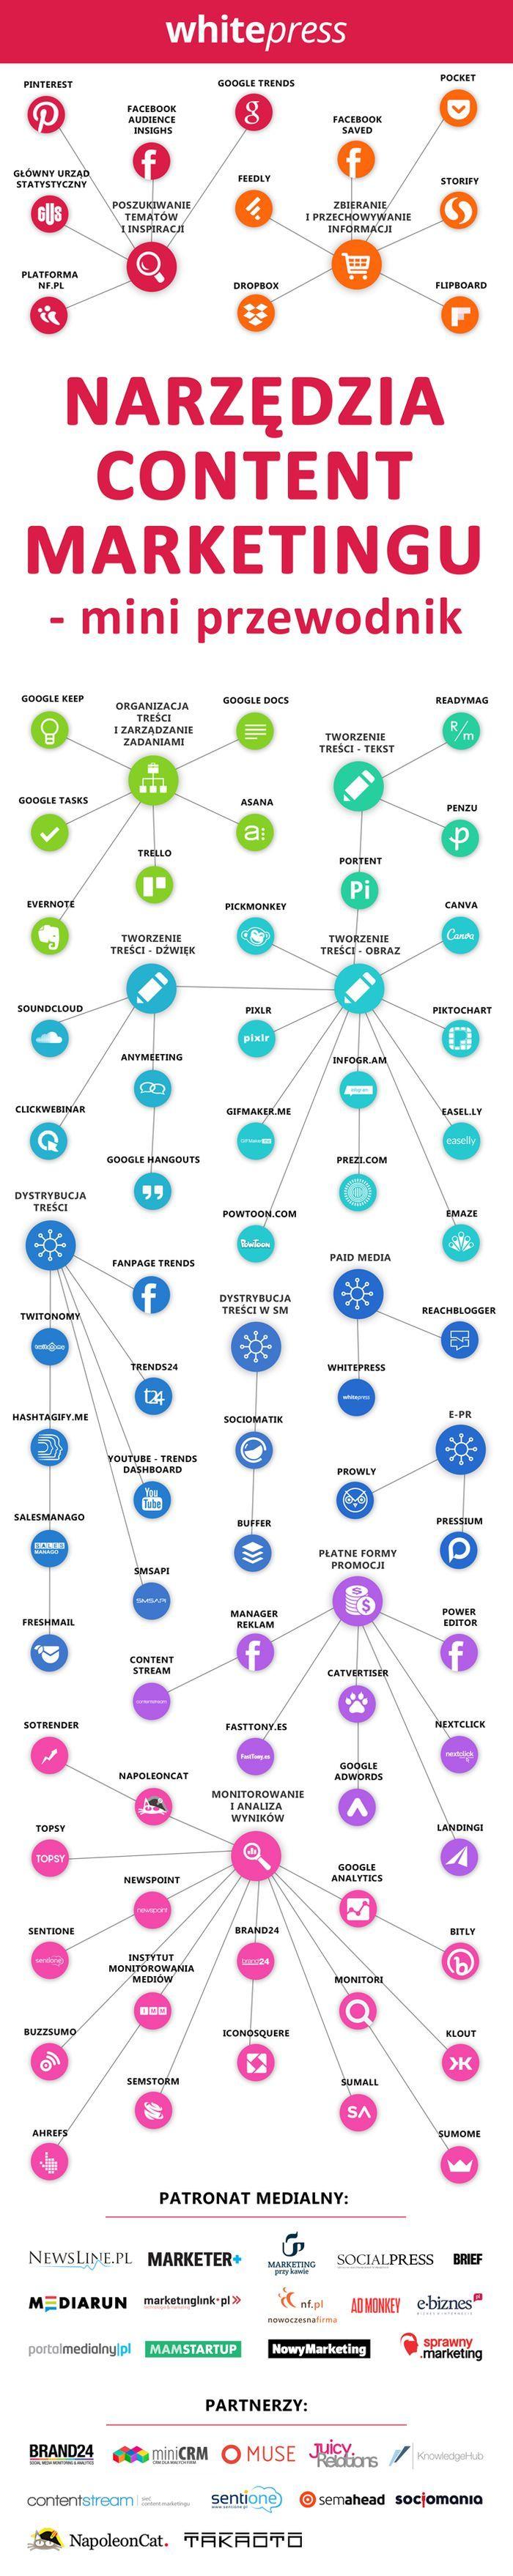 narzedzia-infografika-mini-